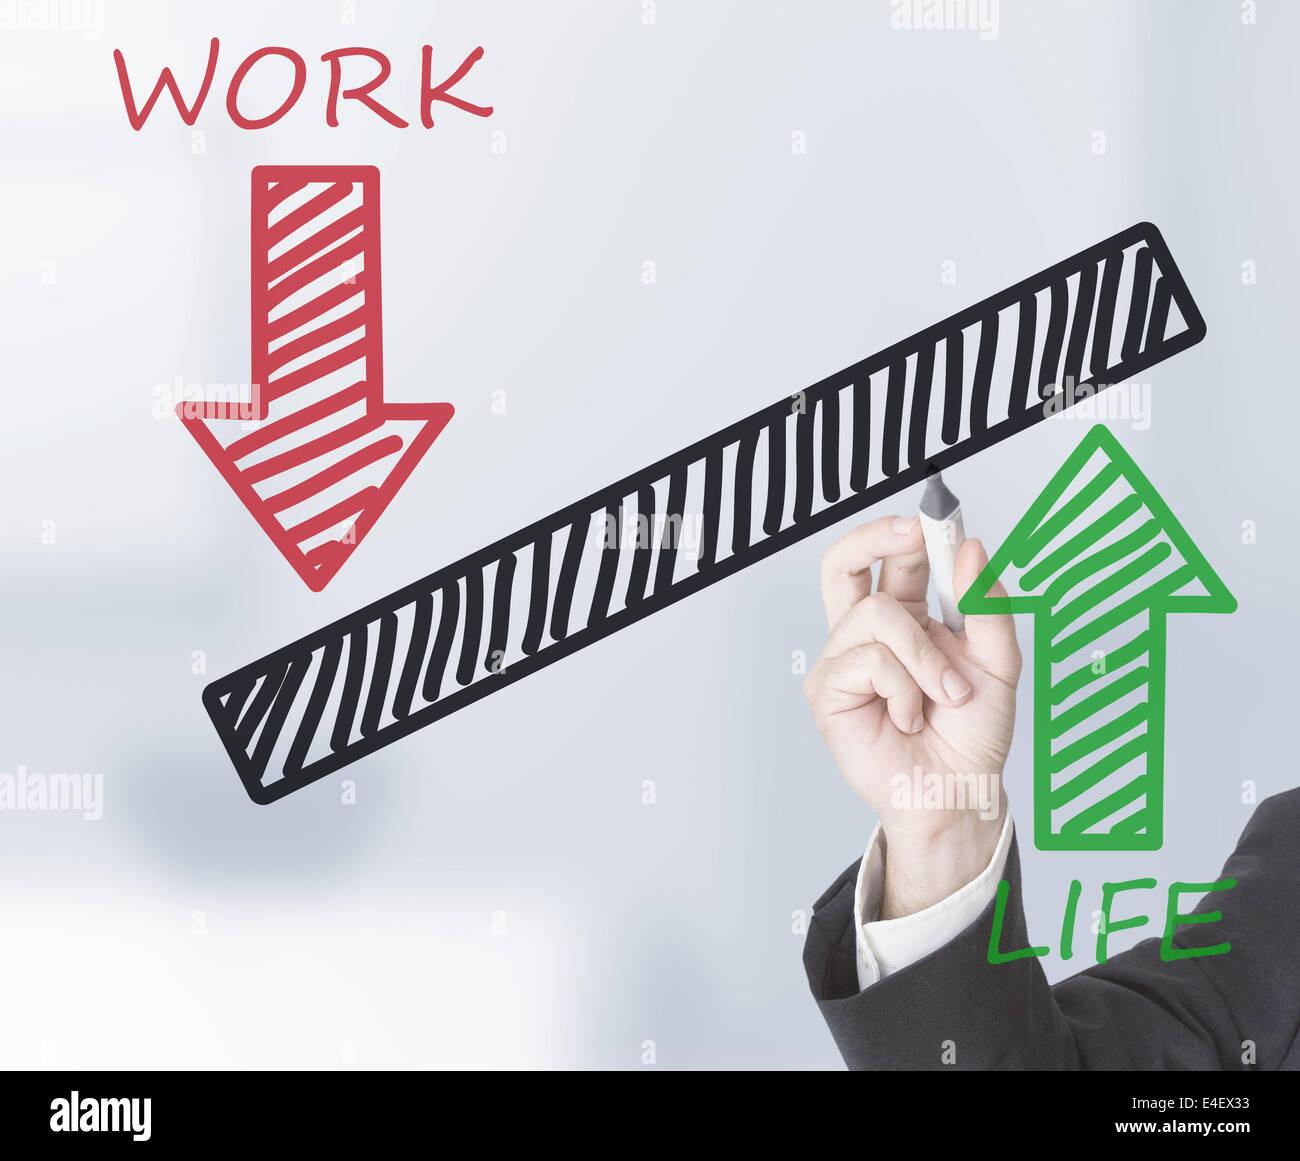 Empresario vida dibujo/ trabajos balanza Imagen De Stock